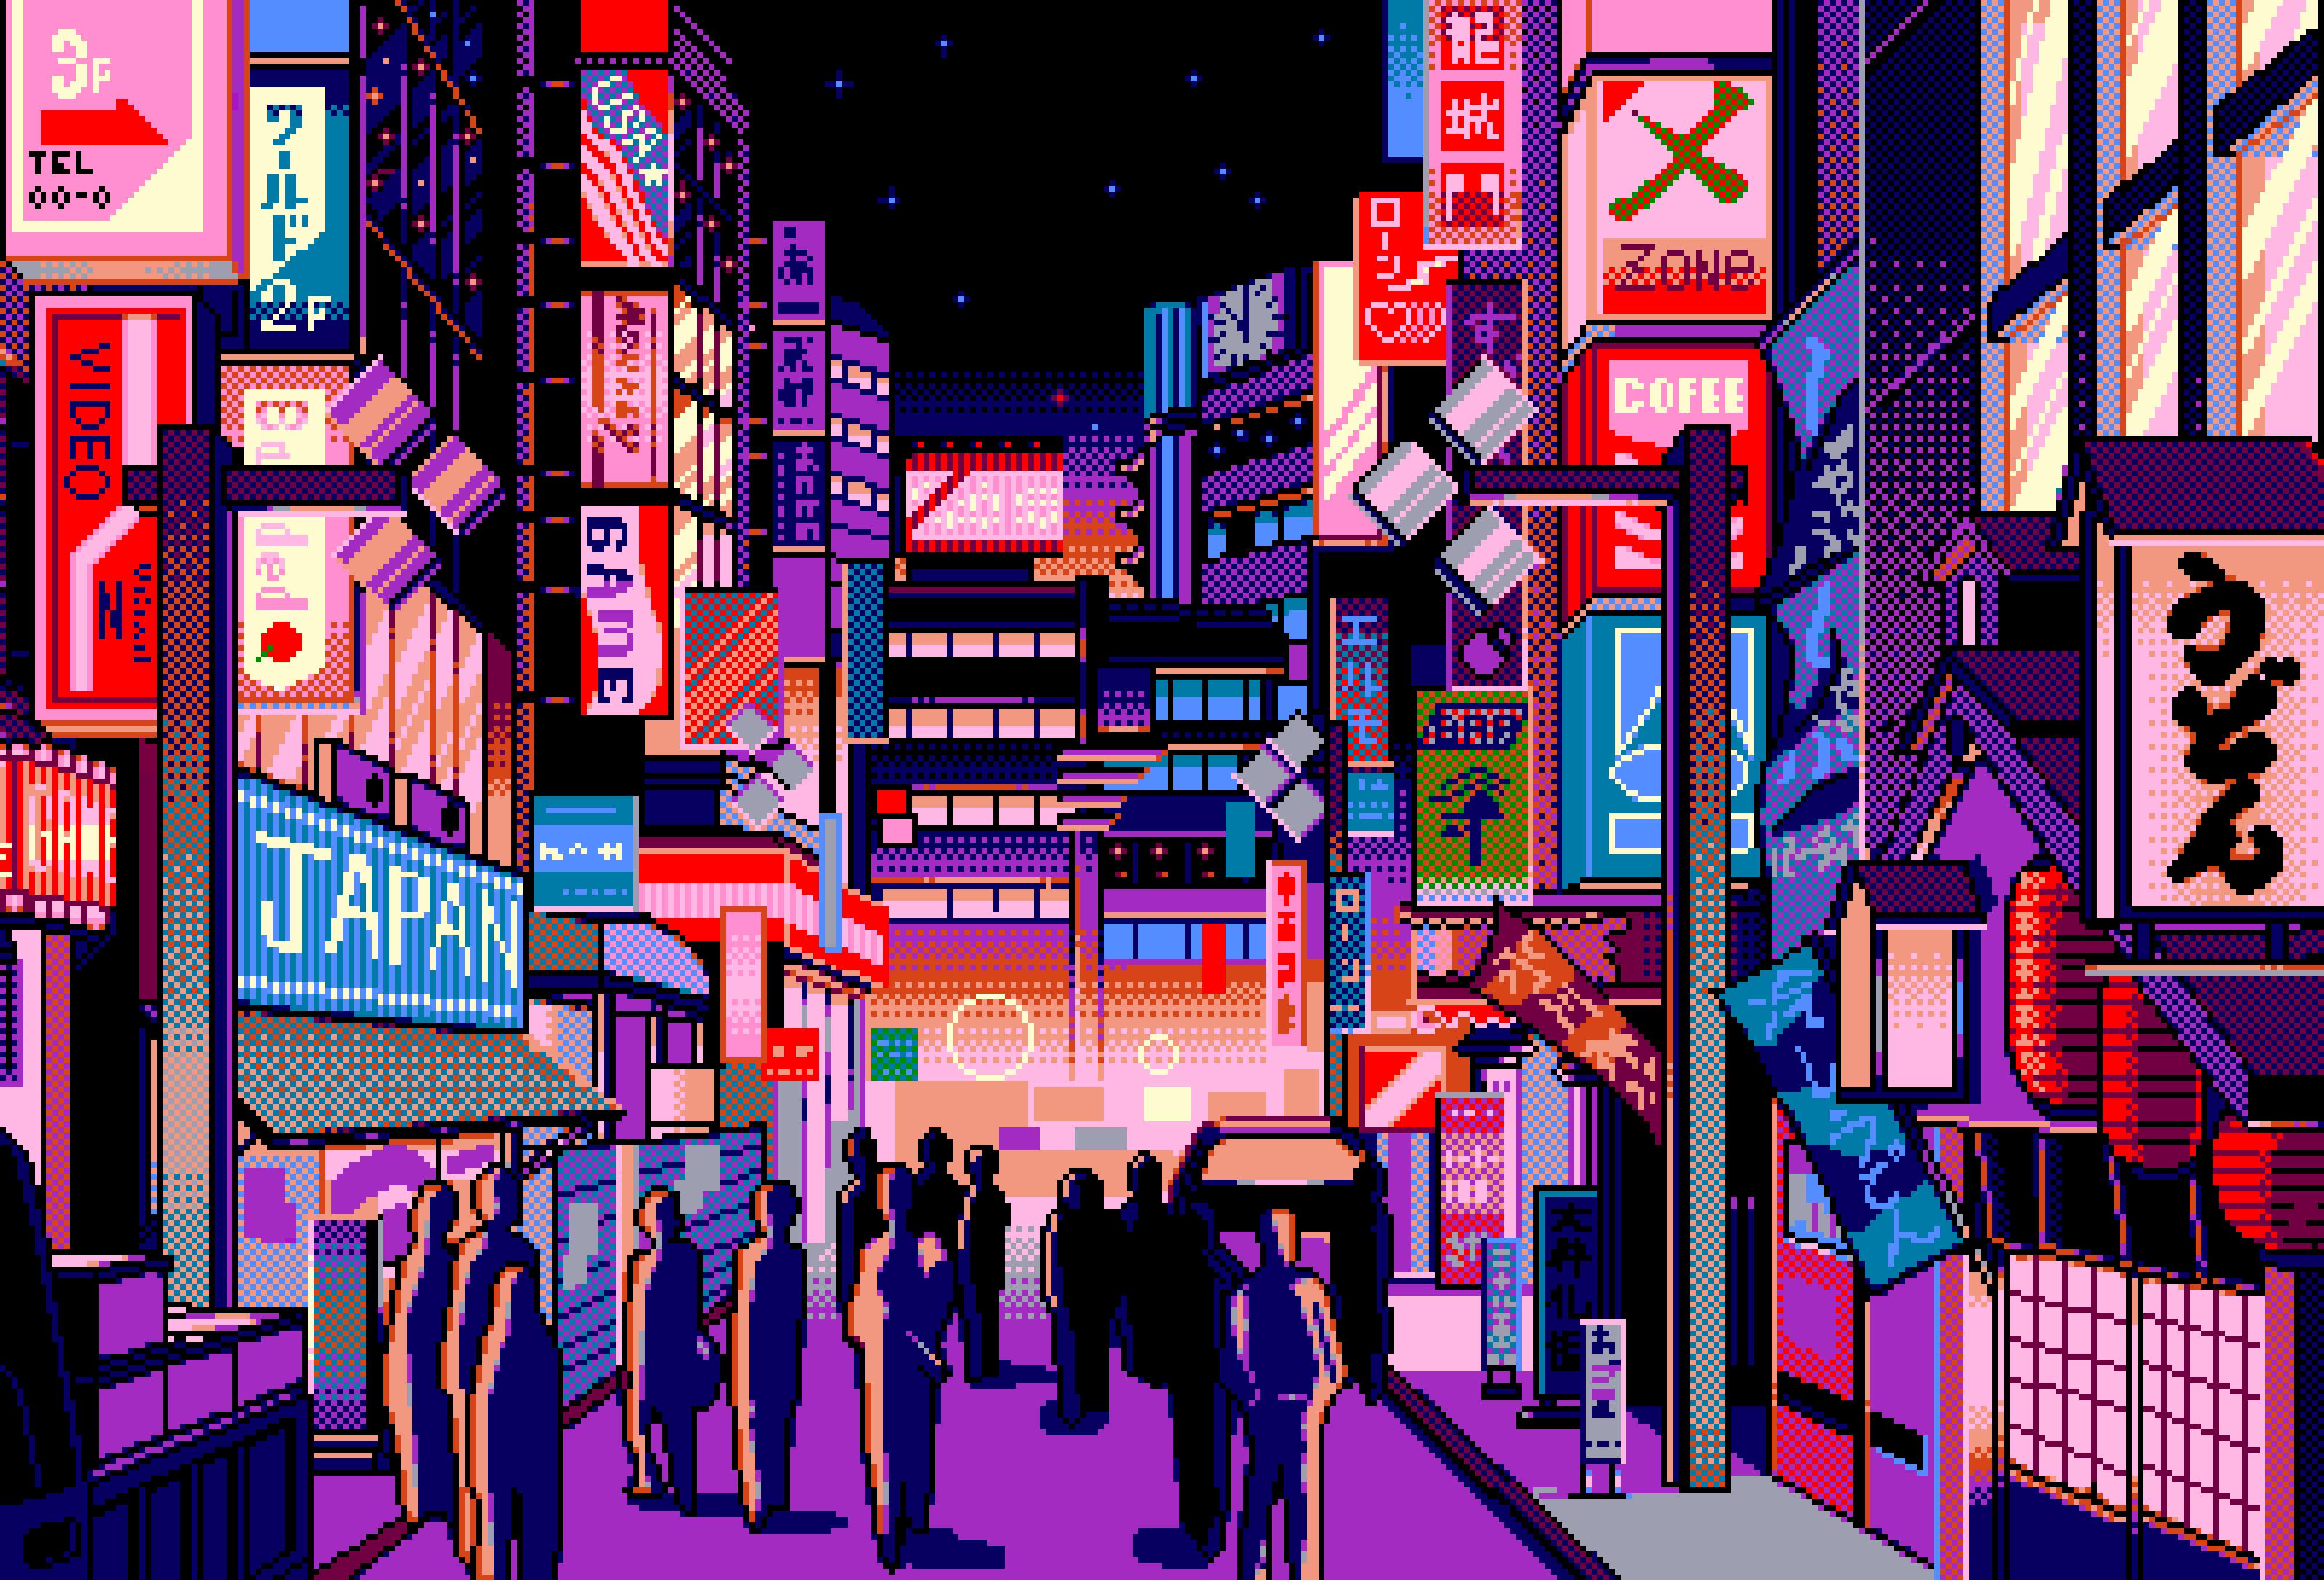 Aesthetic Pixel Art Wallpapers - Top Free Aesthetic Pixel ...